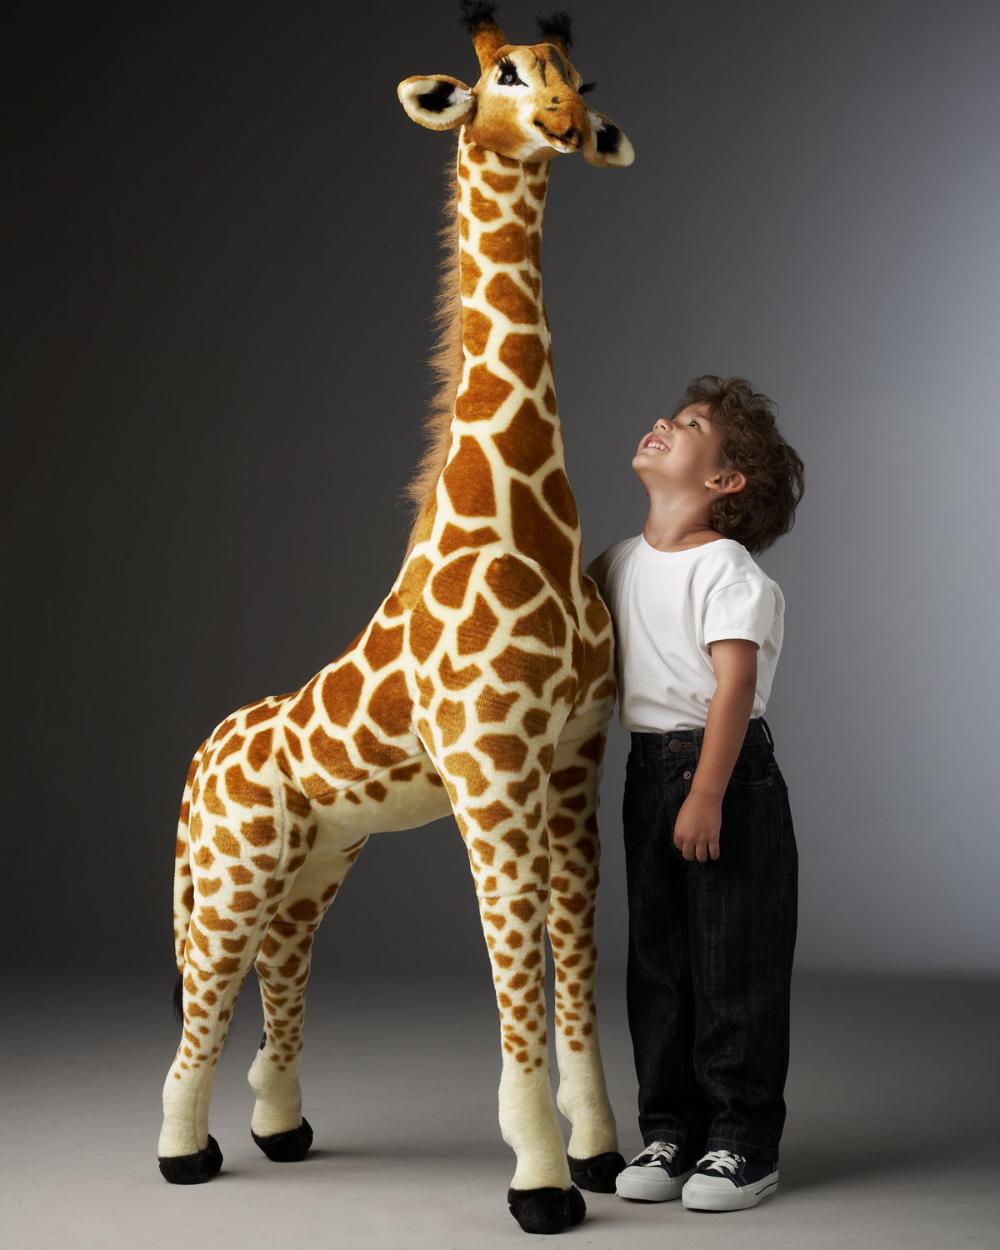 Melissa Doug Tall Giraffe Plush Giraffe Plush Giraffe Giraffe Decor [ 1250 x 1000 Pixel ]